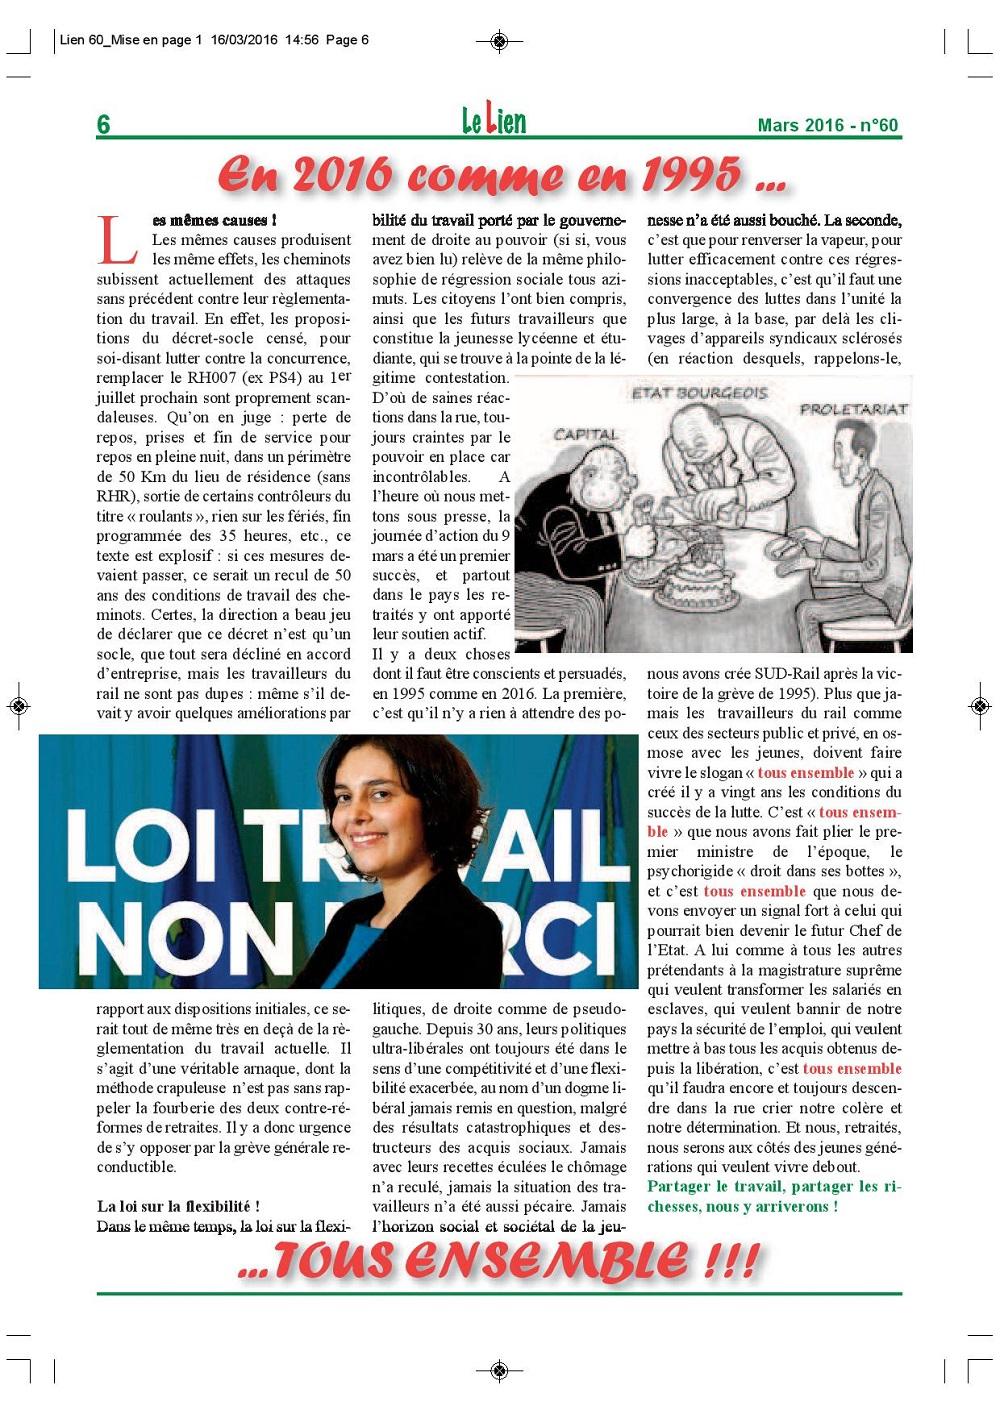 Lien retraite n60-page-006